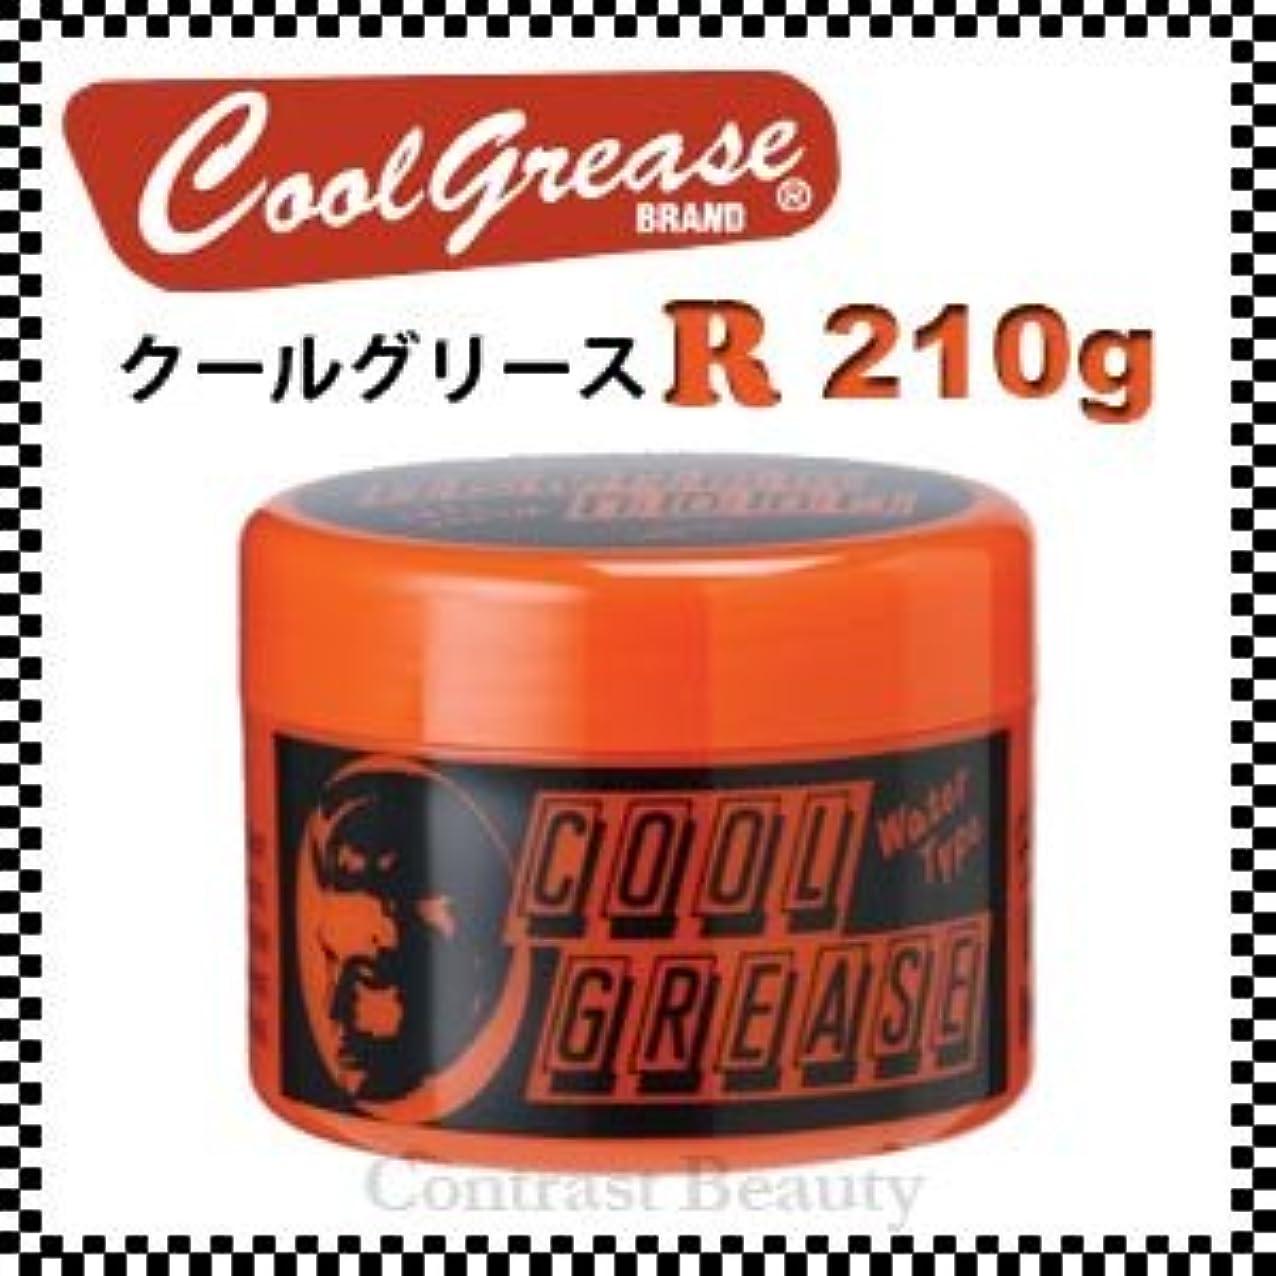 読書タップ小道具【X2個セット】 阪本高生堂 クールグリース R 210g